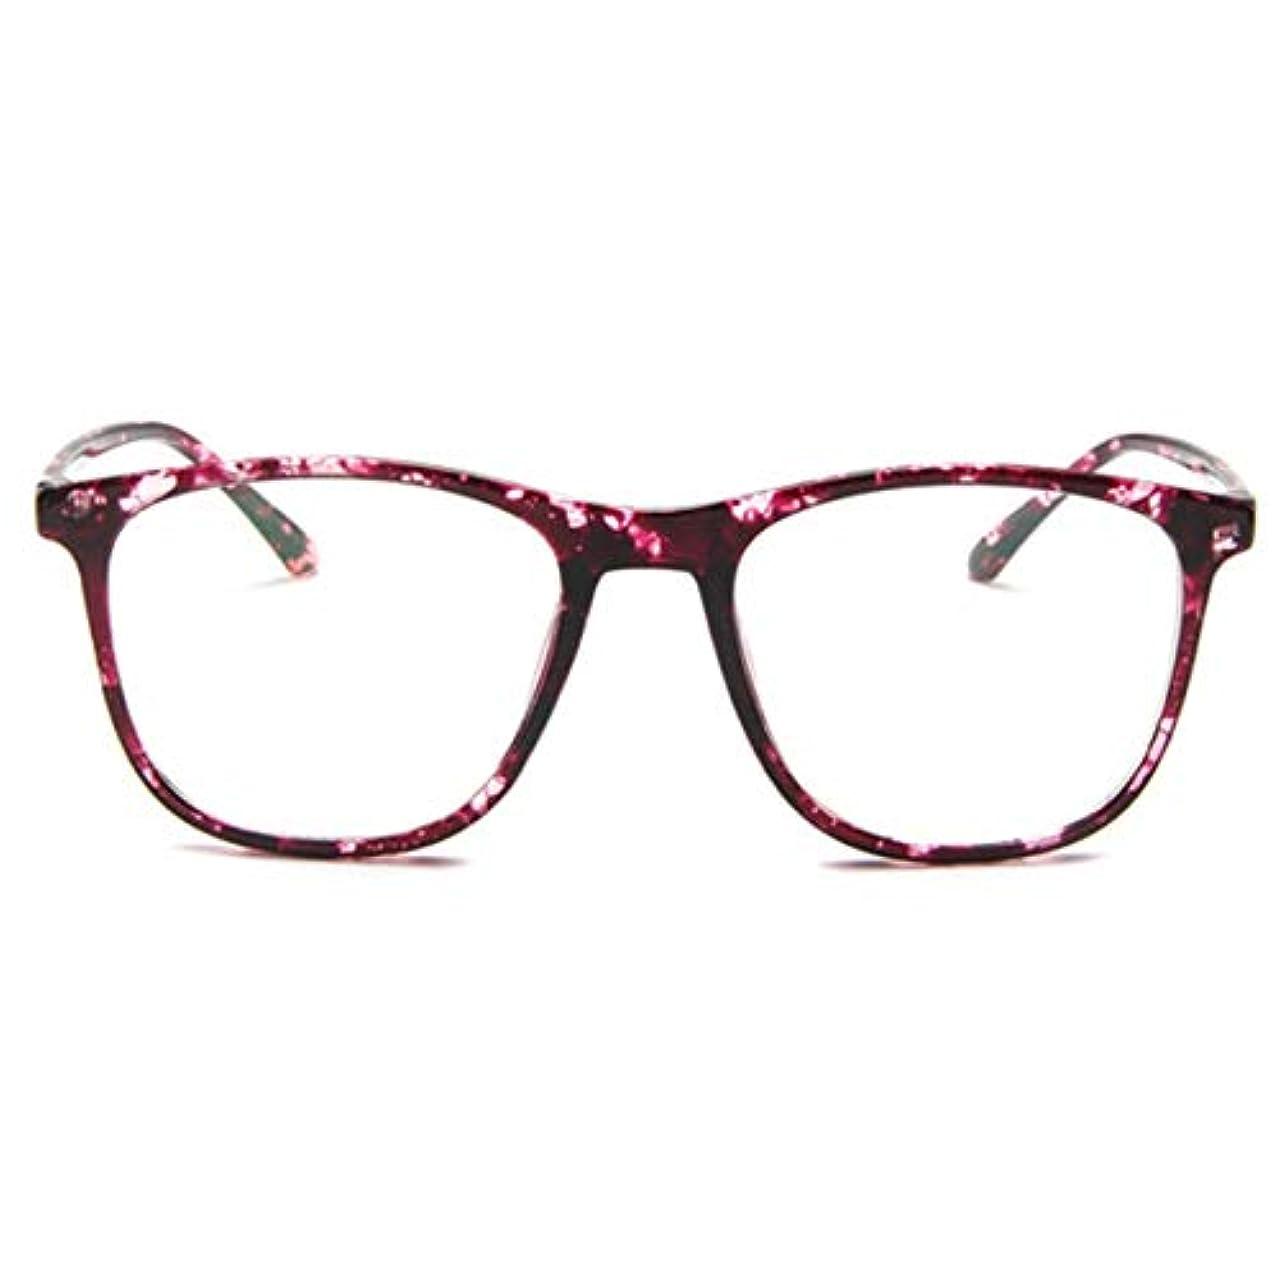 公爵促進する前提条件韓国の学生のプレーンメガネ男性と女性のファッションメガネフレーム近視メガネフレームファッショナブルなシンプルなメガネ-パープル